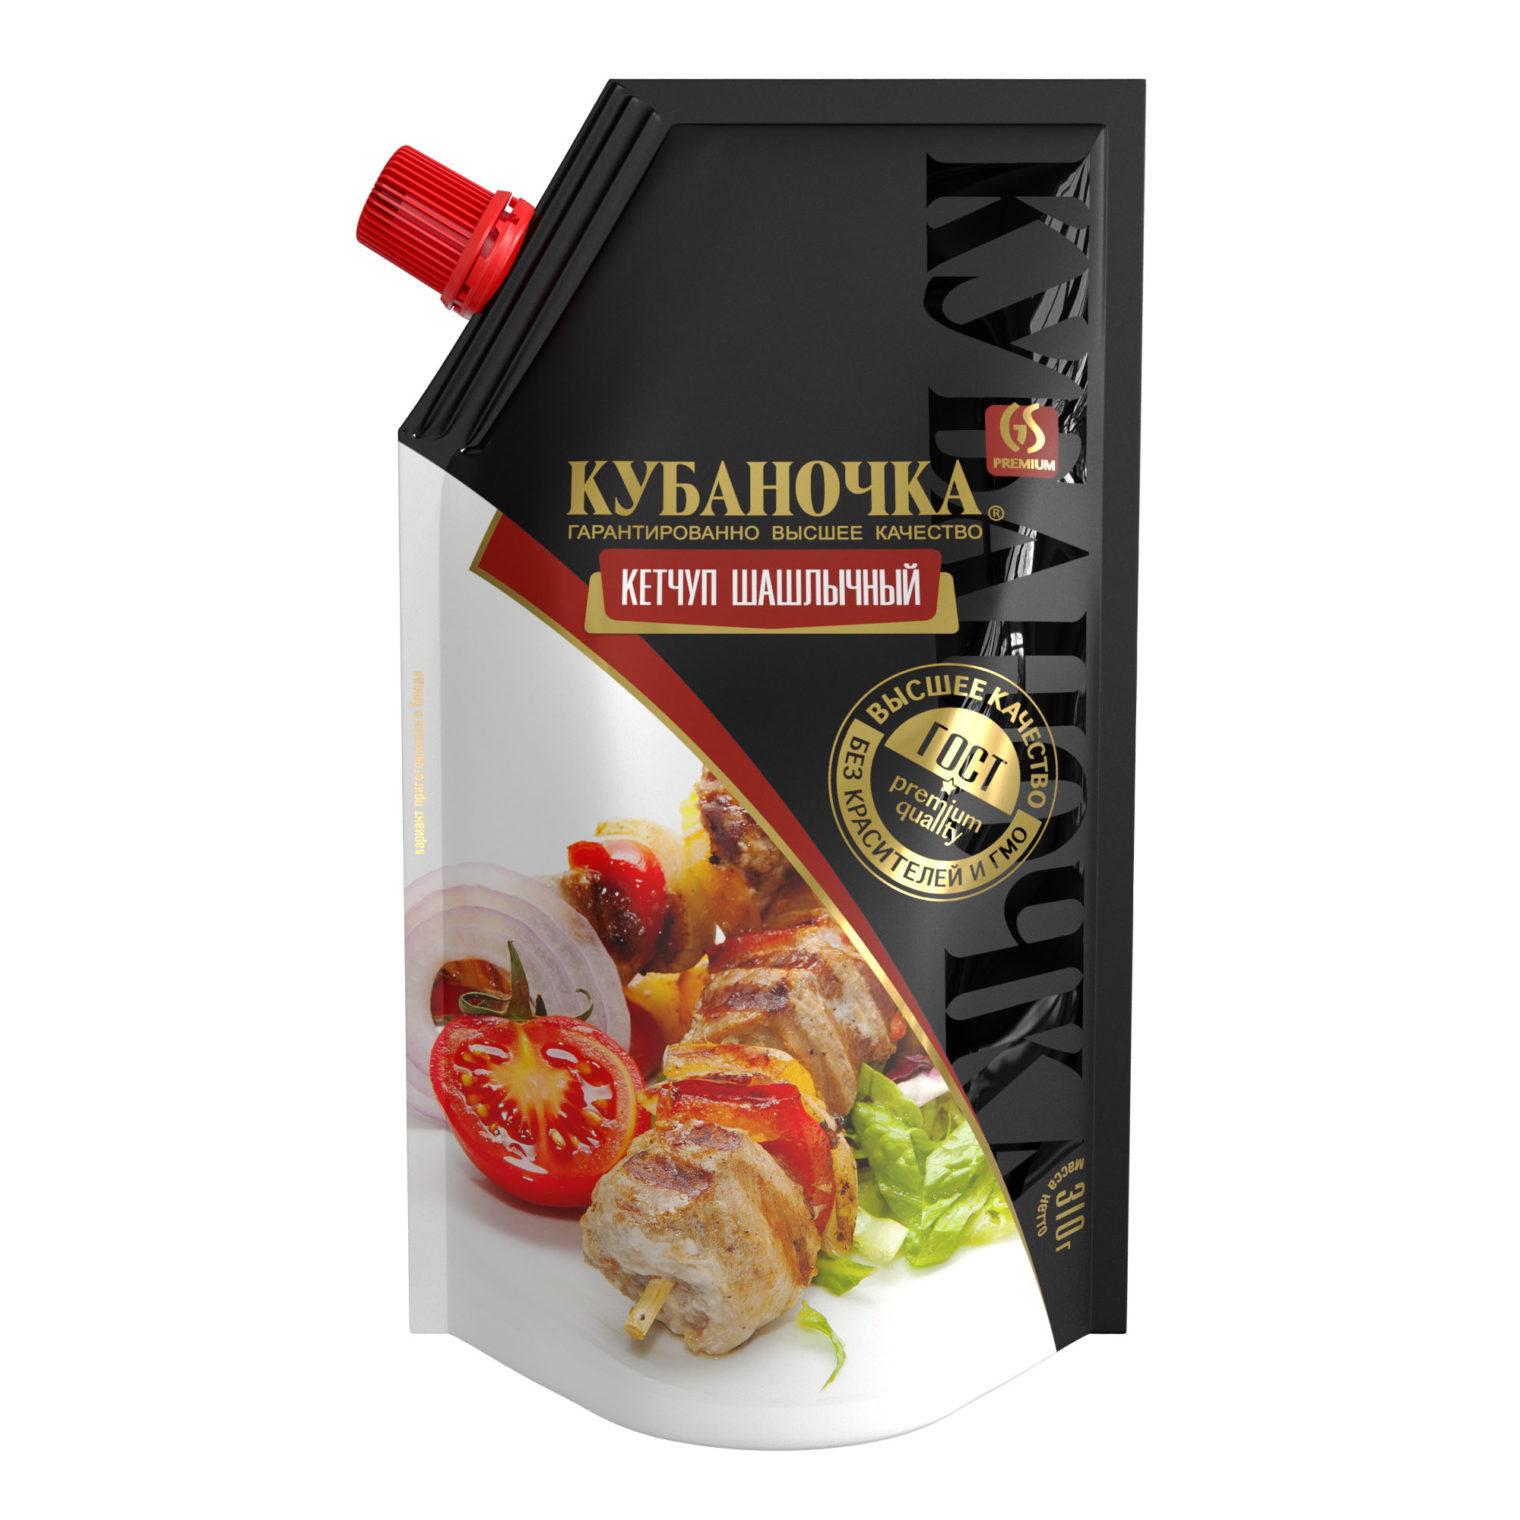 Кетчуп шашлычный, Масса: 310 г